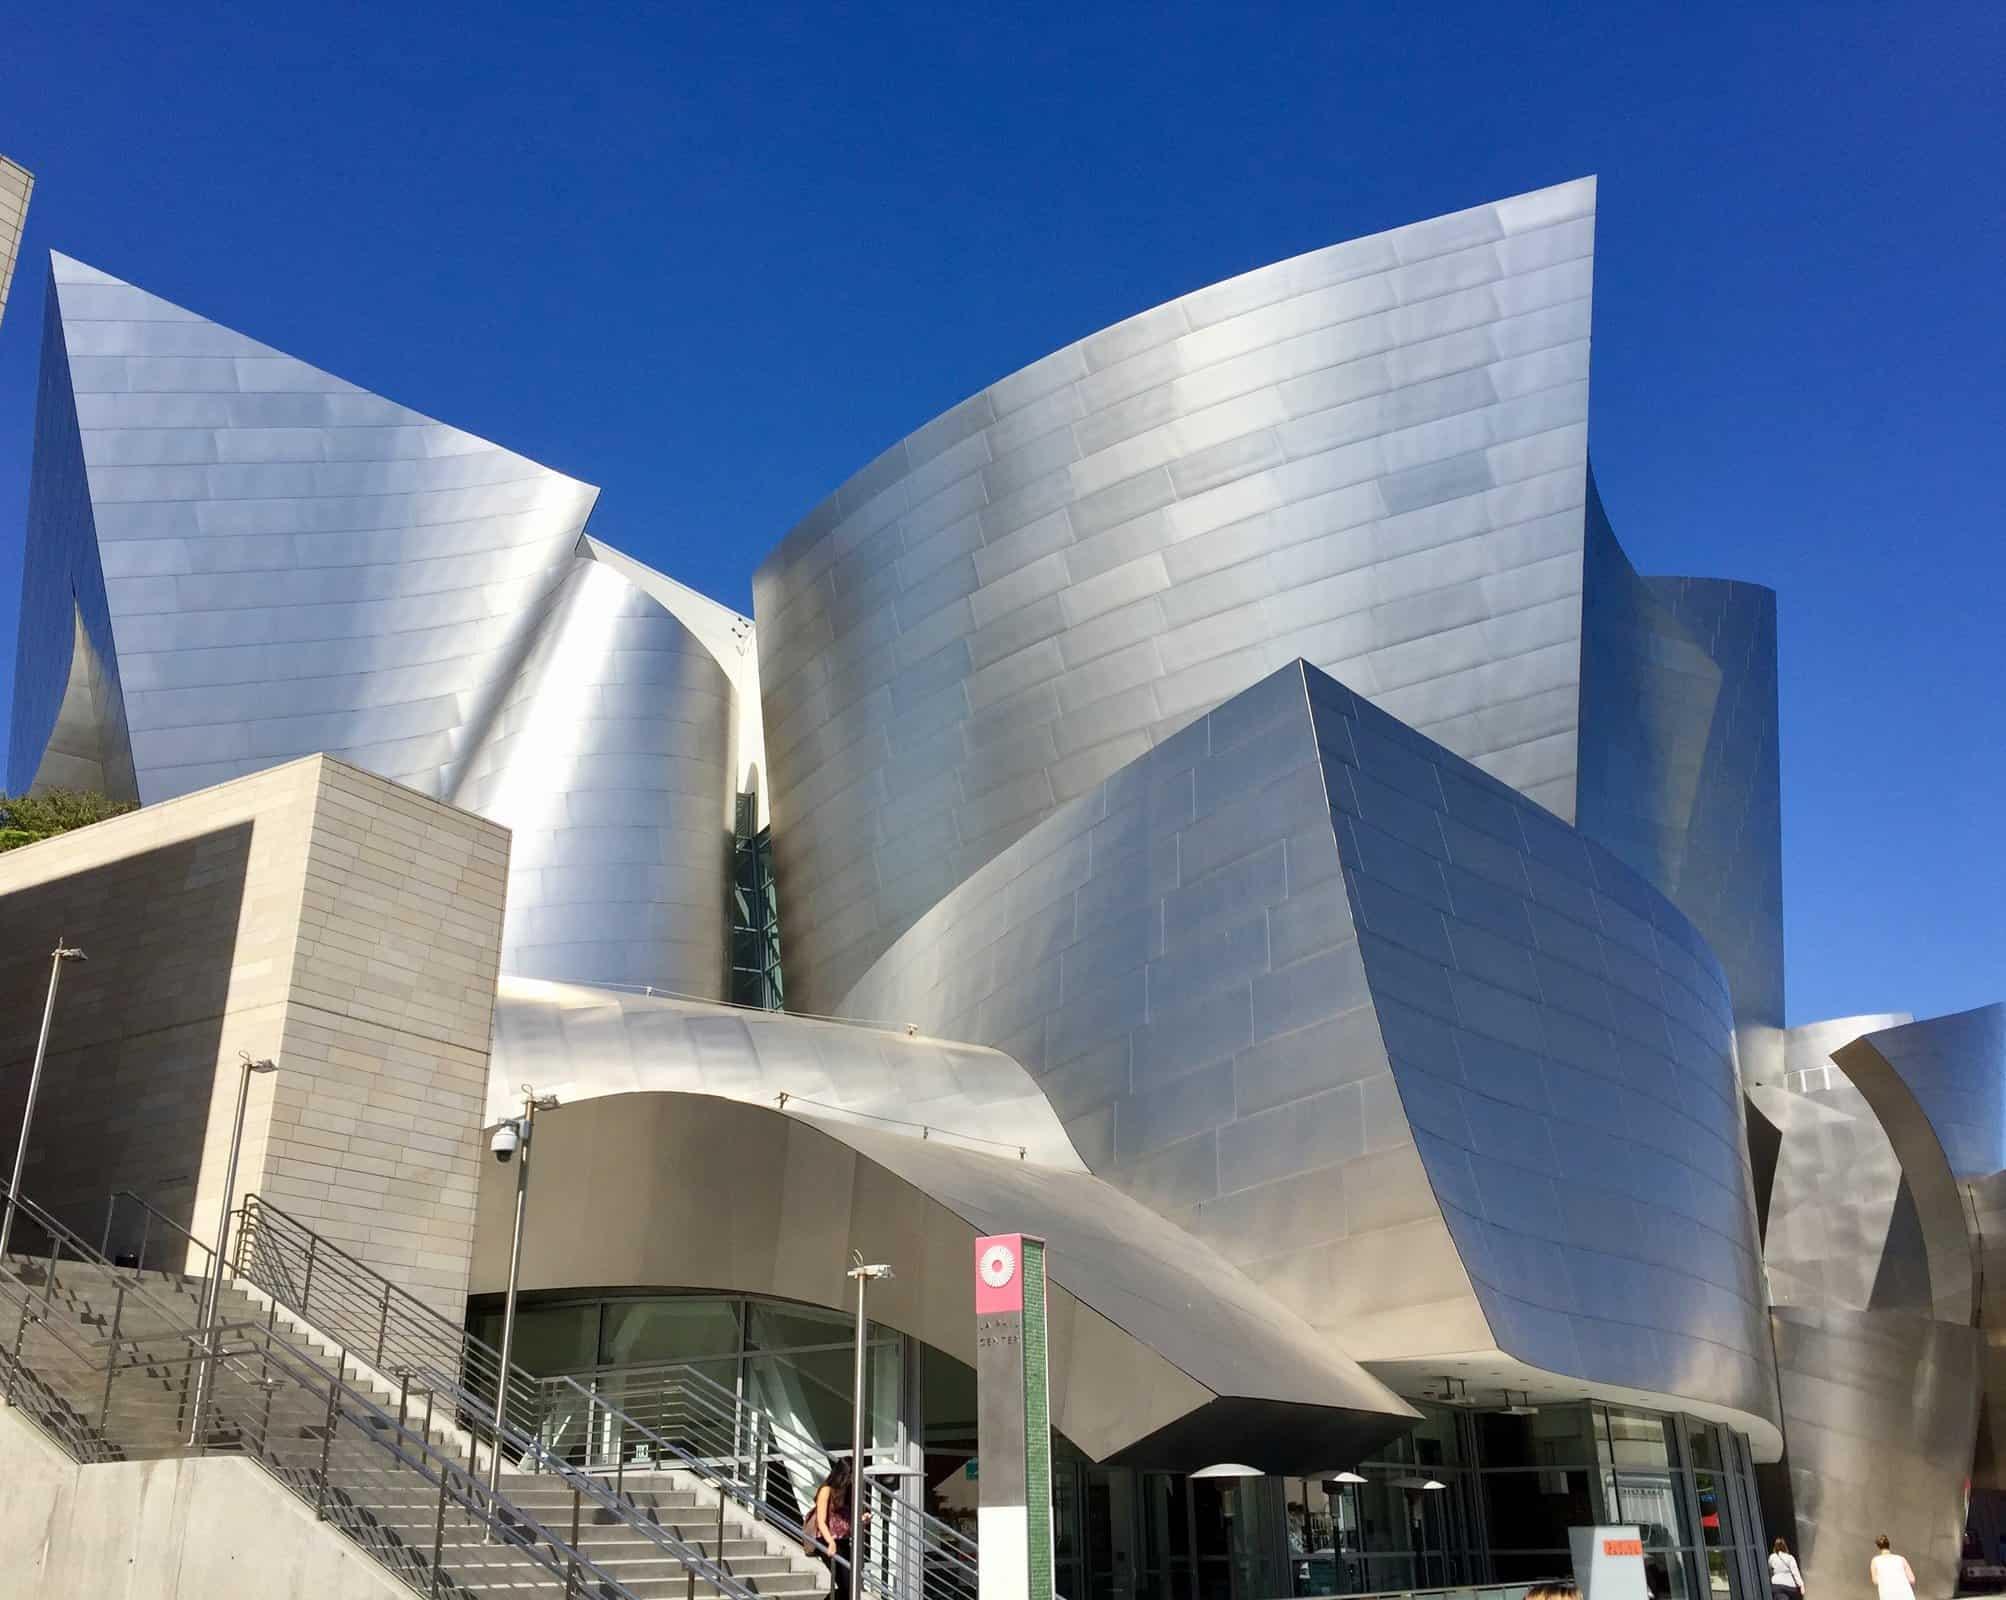 Walt Disney Concert Hall in Downtown LA